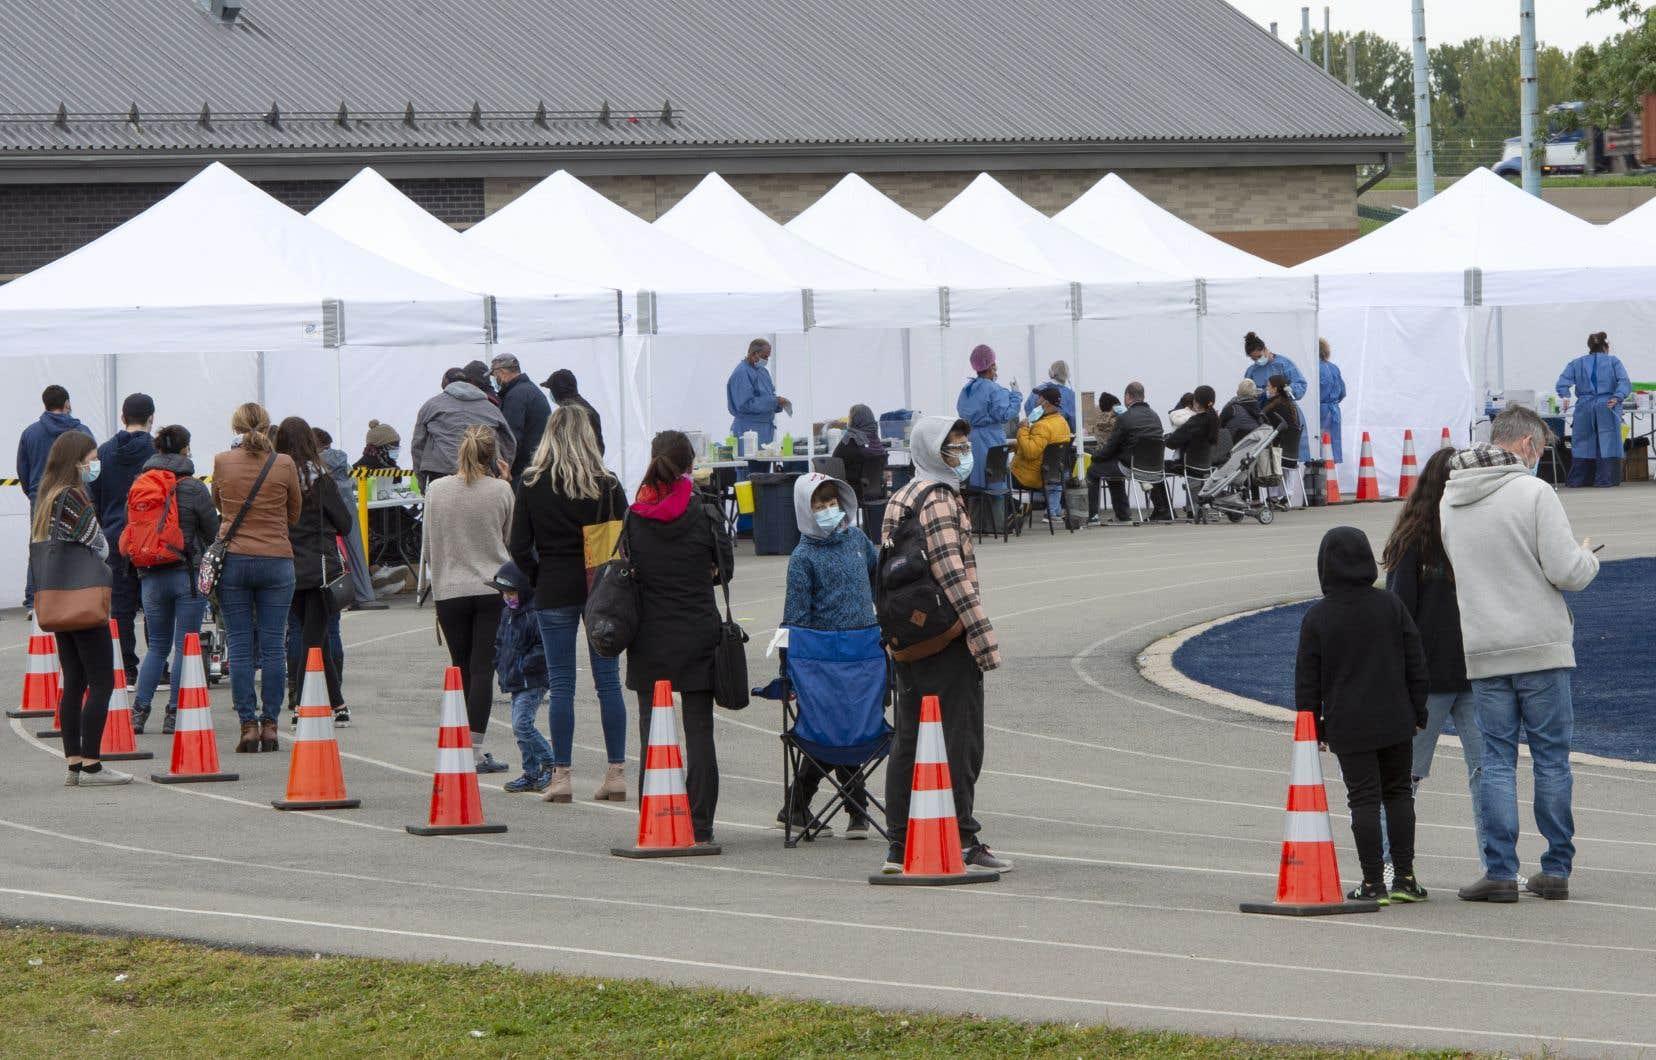 L'arrivée de nouveaux tests rapides au Canada pourrait dégager les cliniques de dépistage qui sont déjà débordées et assiégées de files d'attente énormes.